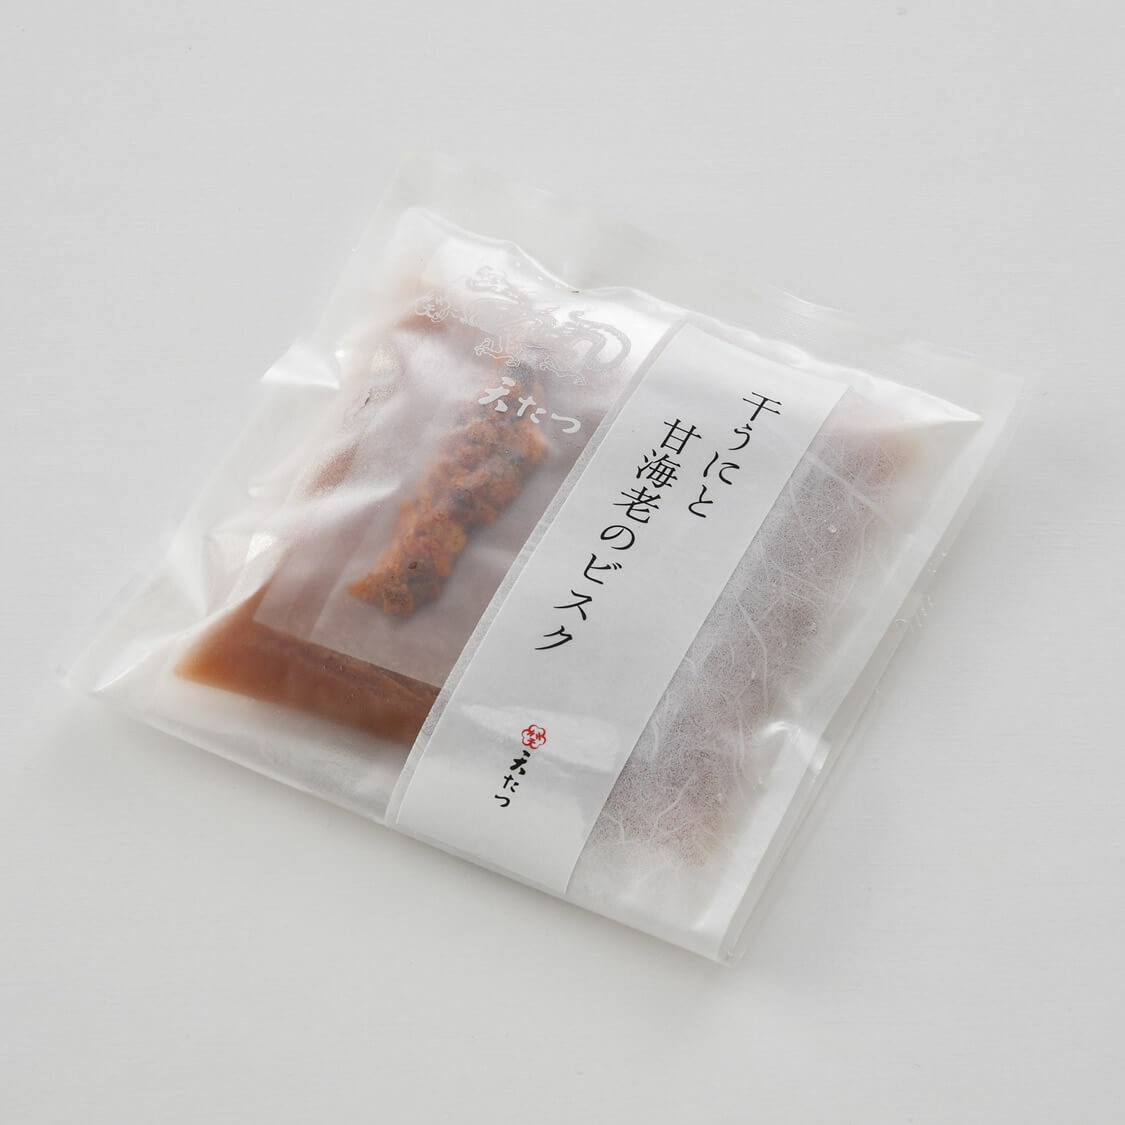 アンコール販売 | 干うにと甘海老のビスク1食(150g)